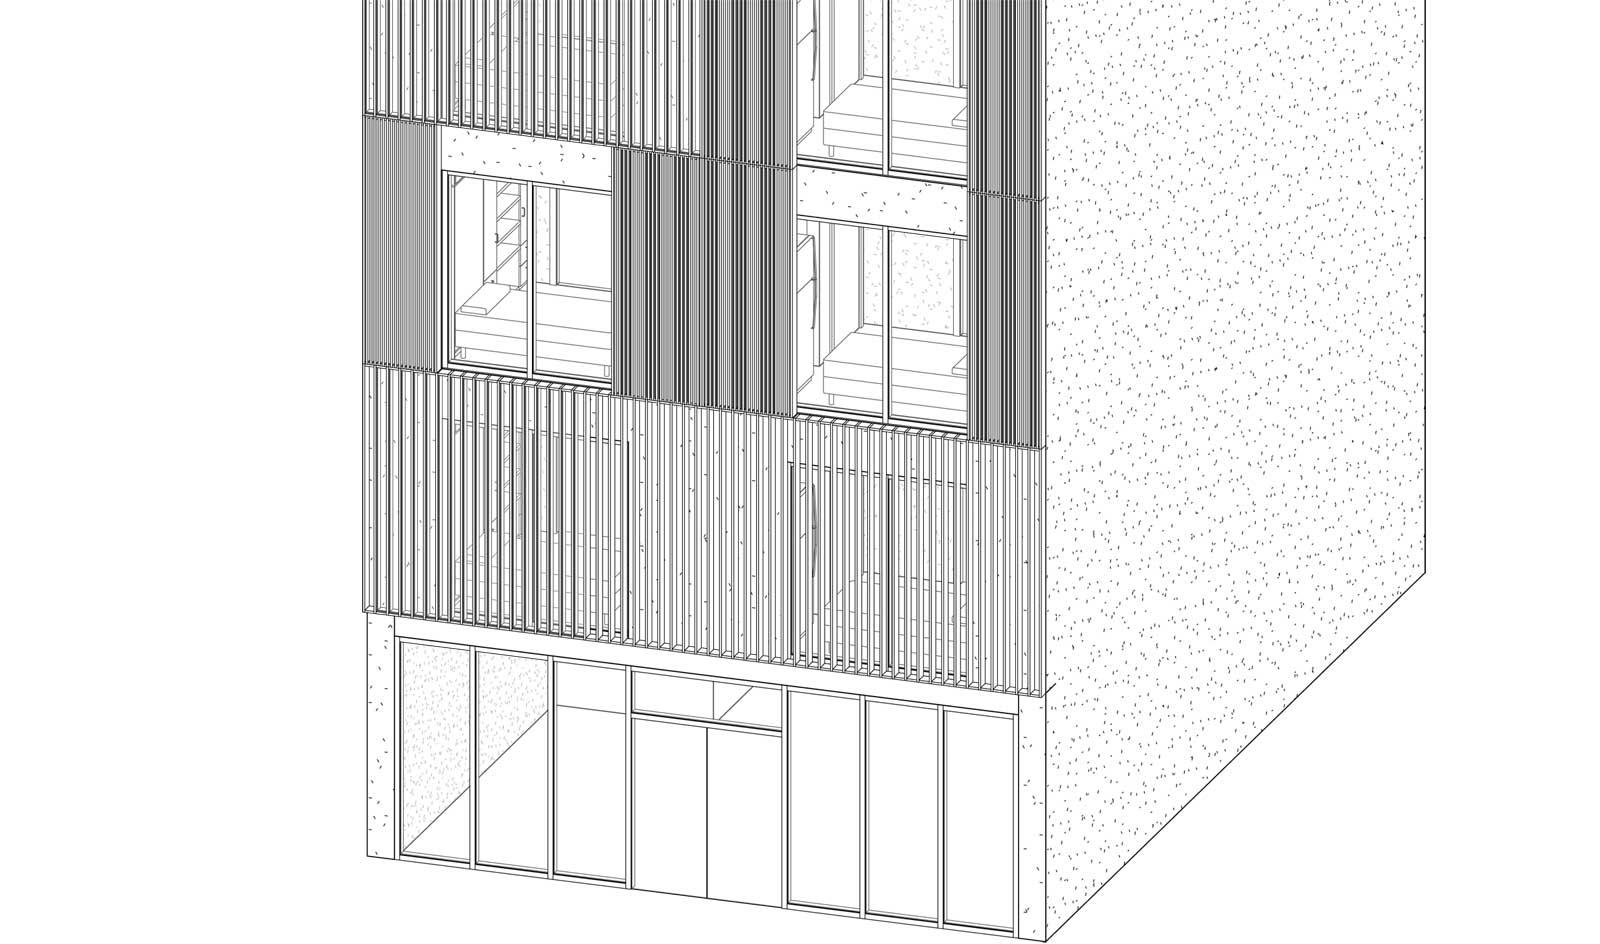 Micro Housing China - Initial Ground Floor Design